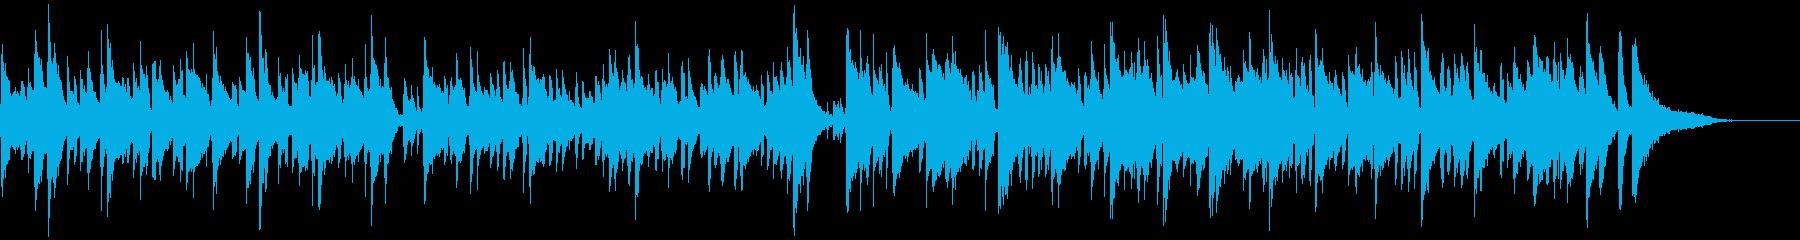 休日に聴きたいボサノバの再生済みの波形